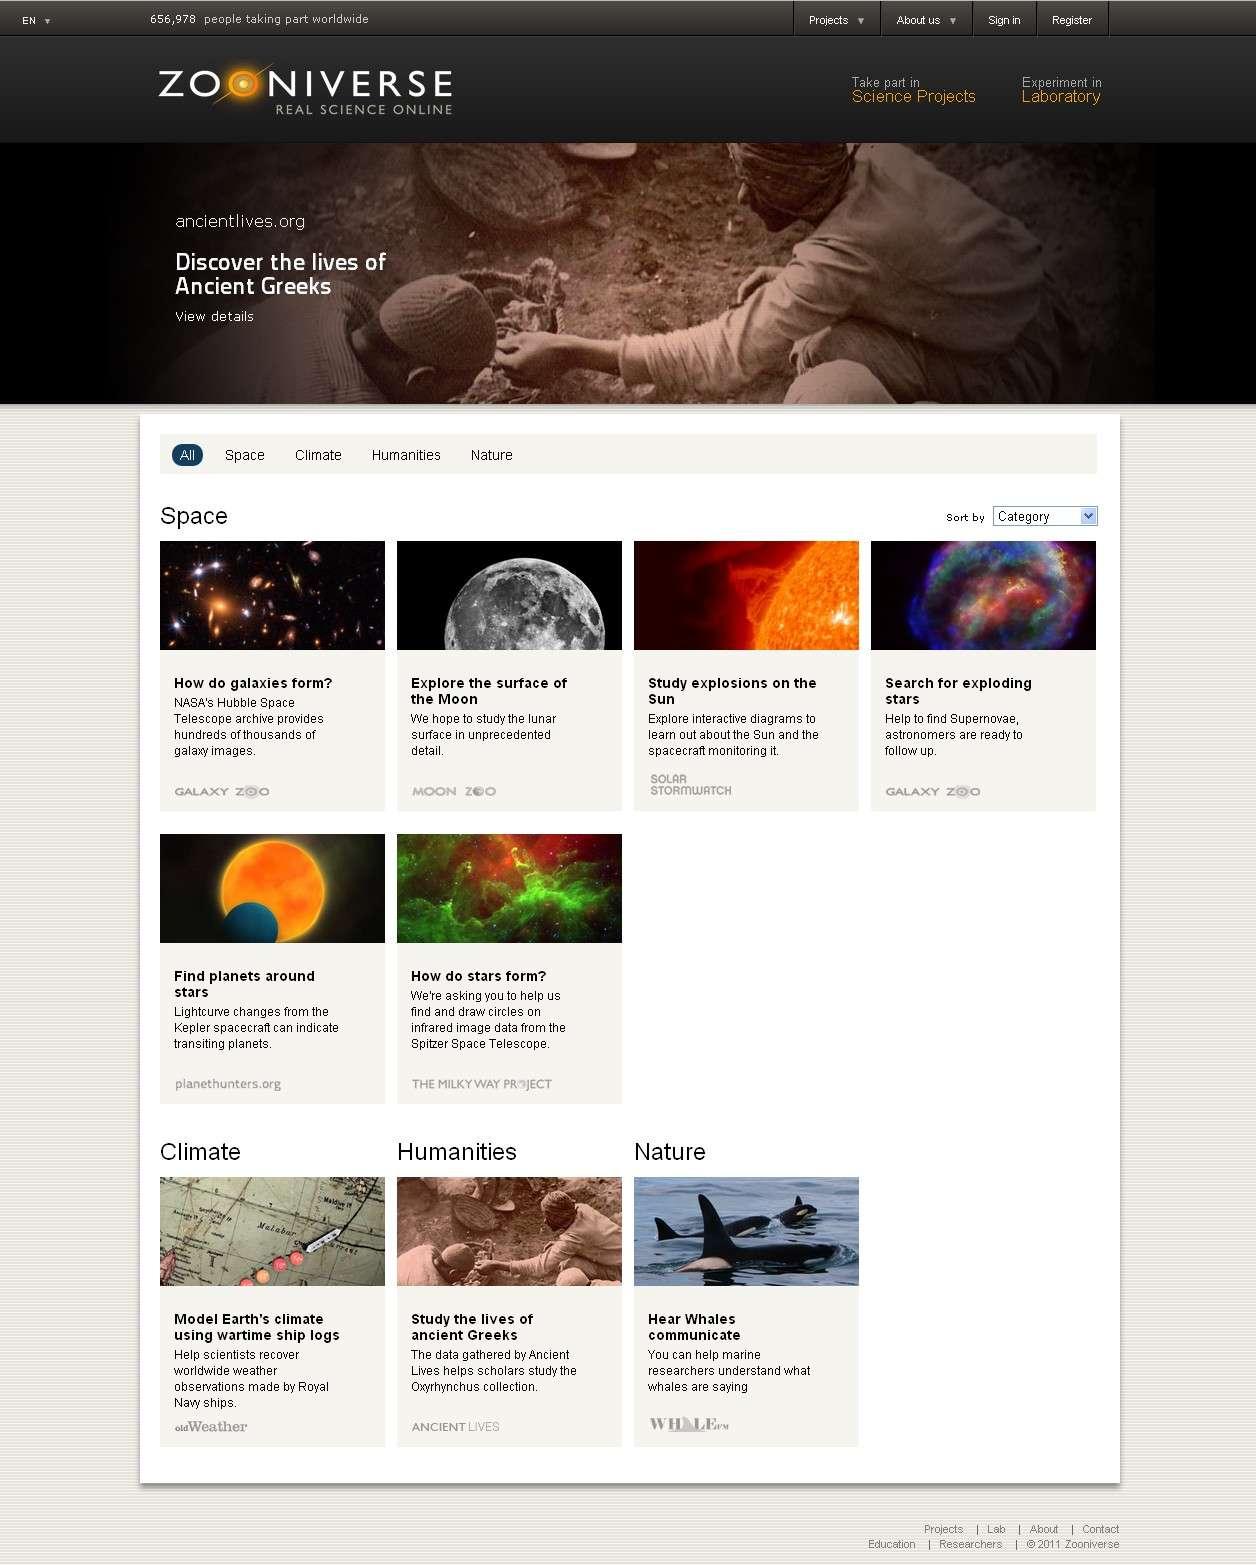 La page d'accueil du site Zooniverse propose aux internautes une multitude de projets pour les inciter à travailler aux côtés des chercheurs de nombreuses disciplines. © Zooniverse